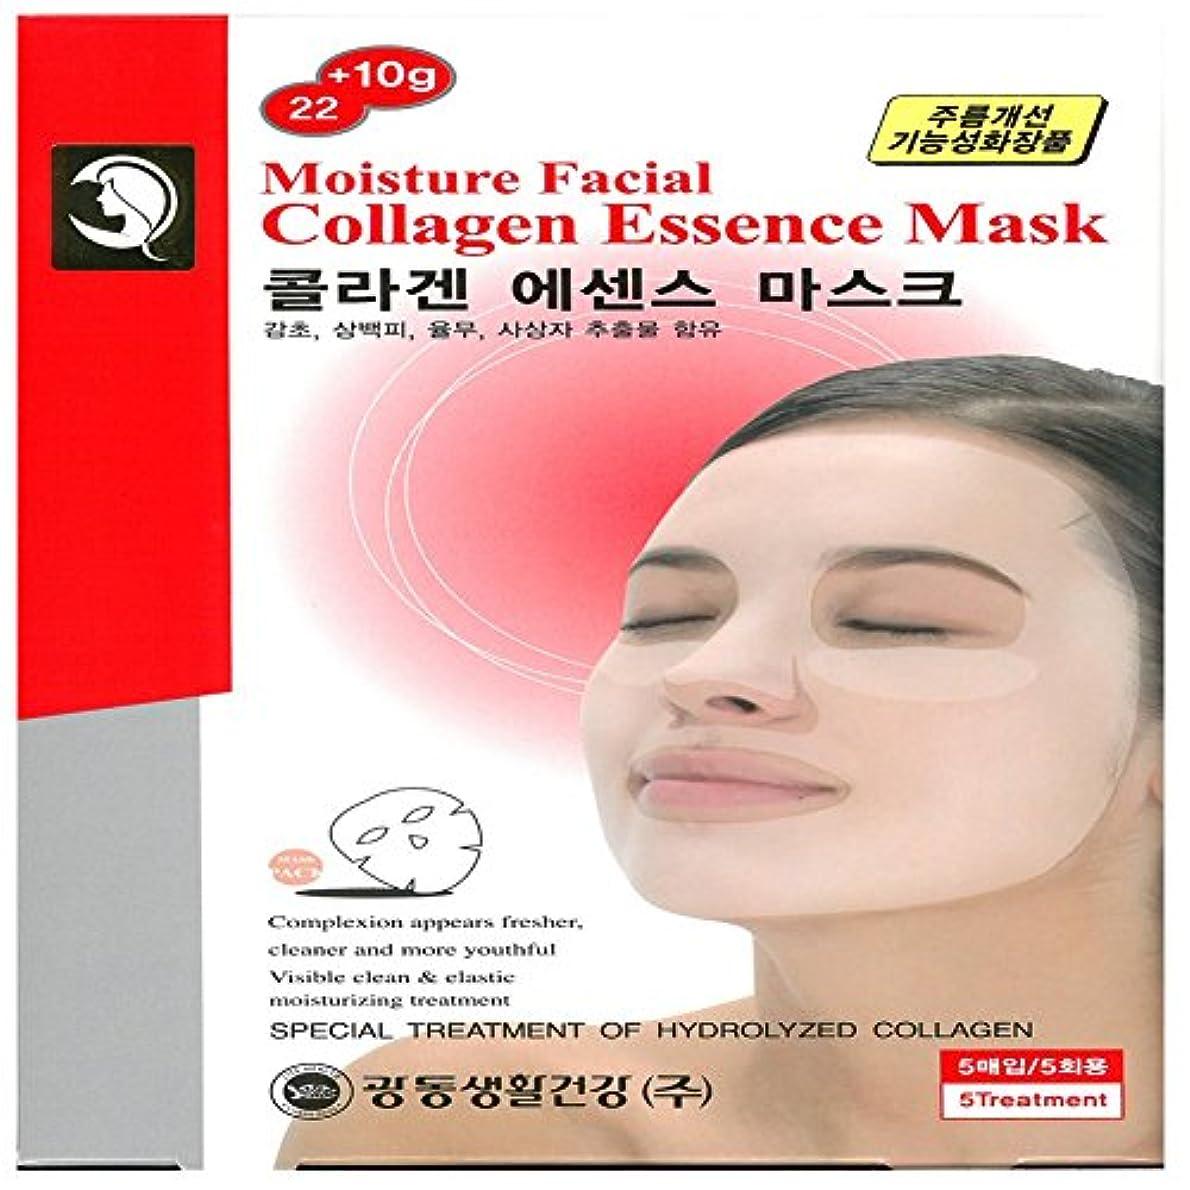 協同スタウト救出[光東] kwangdong モイスチャーフェイシャルコラーゲンエッセンスマスク Moisture Facial Collagen Essence Mask 32gX5ea (海外直送品) [並行輸入品]